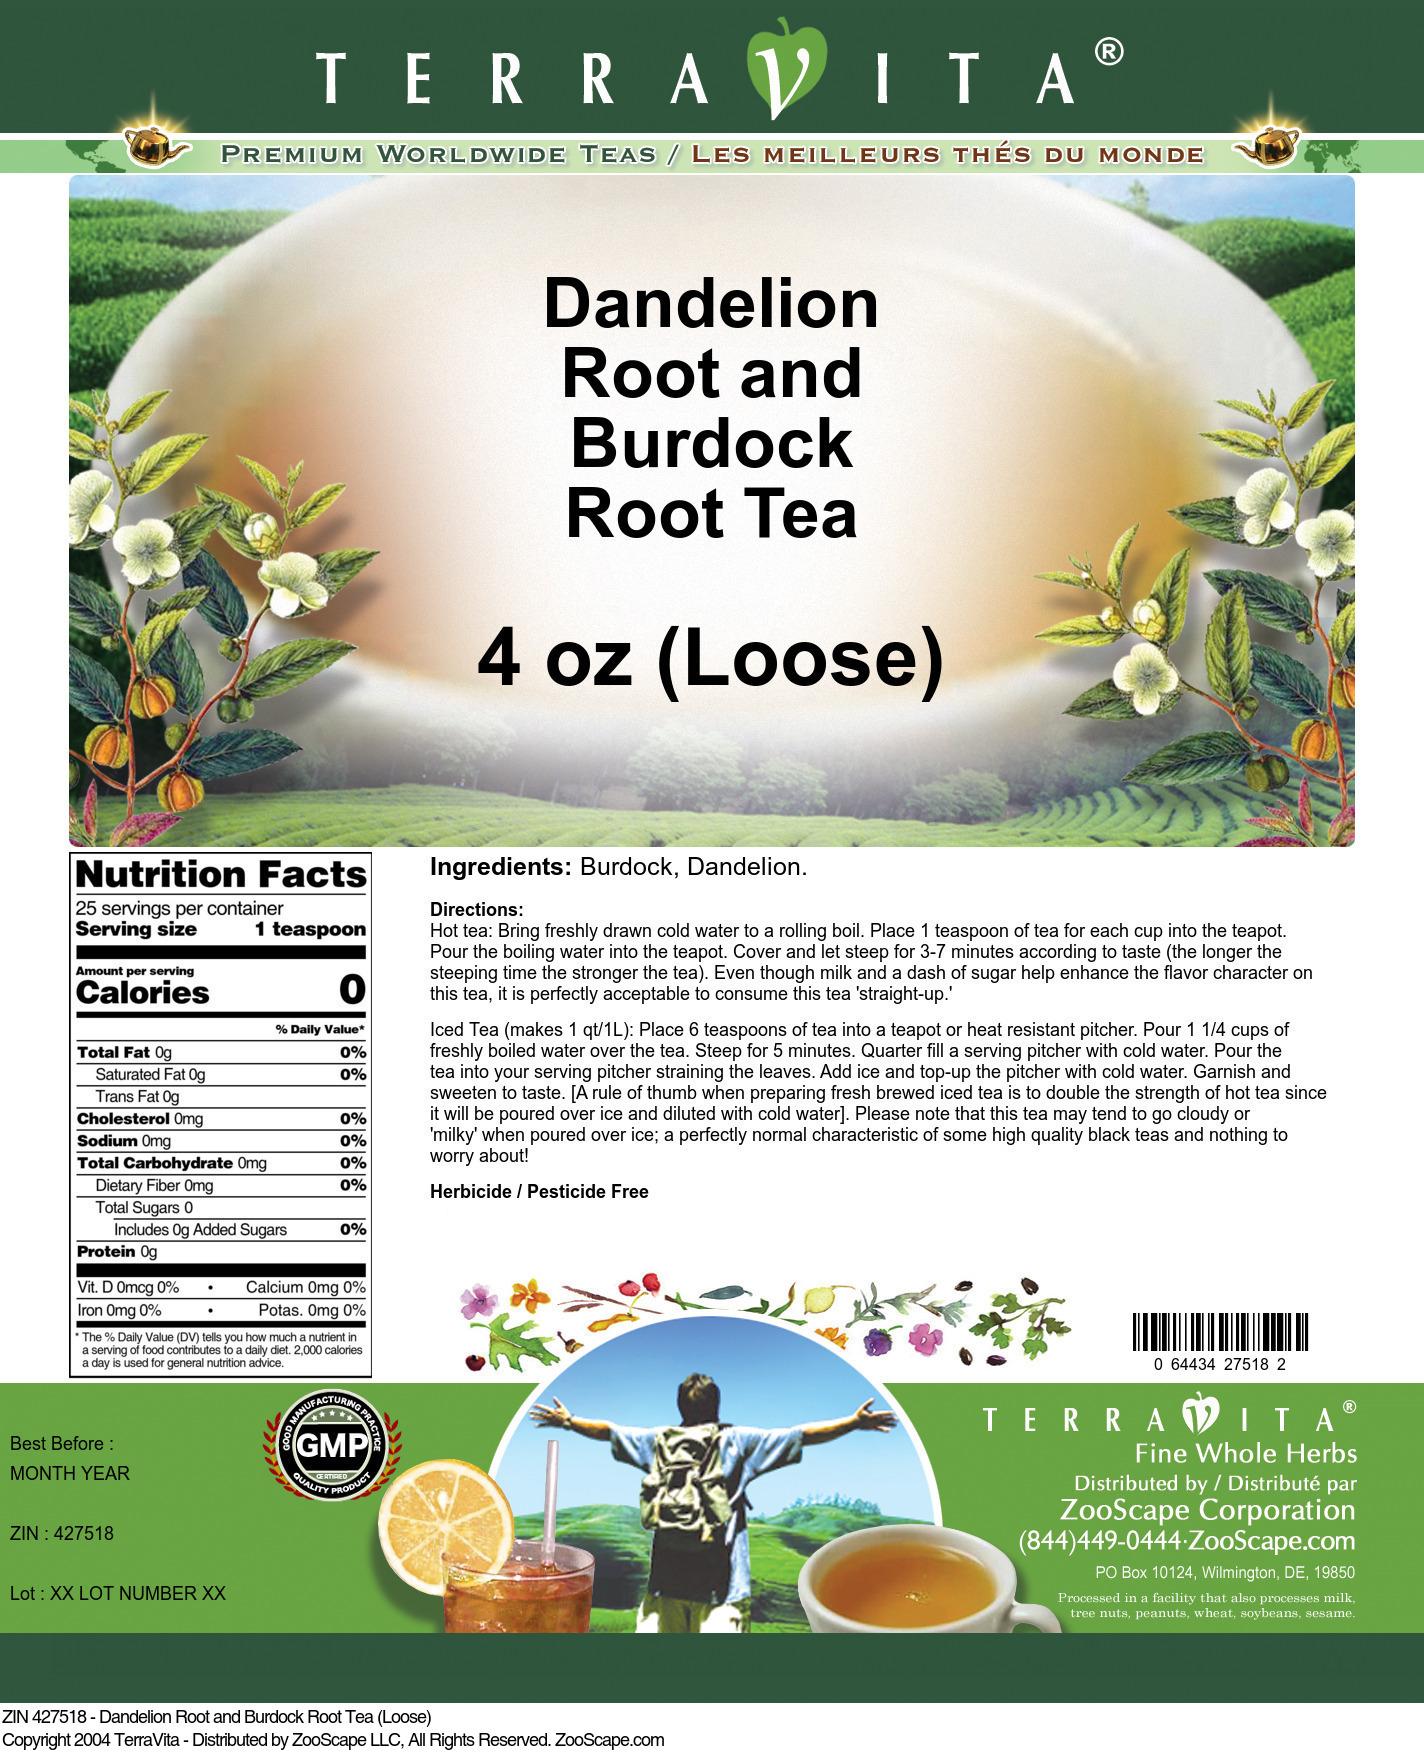 Dandelion Root and Burdock Root Tea (Loose) - Label